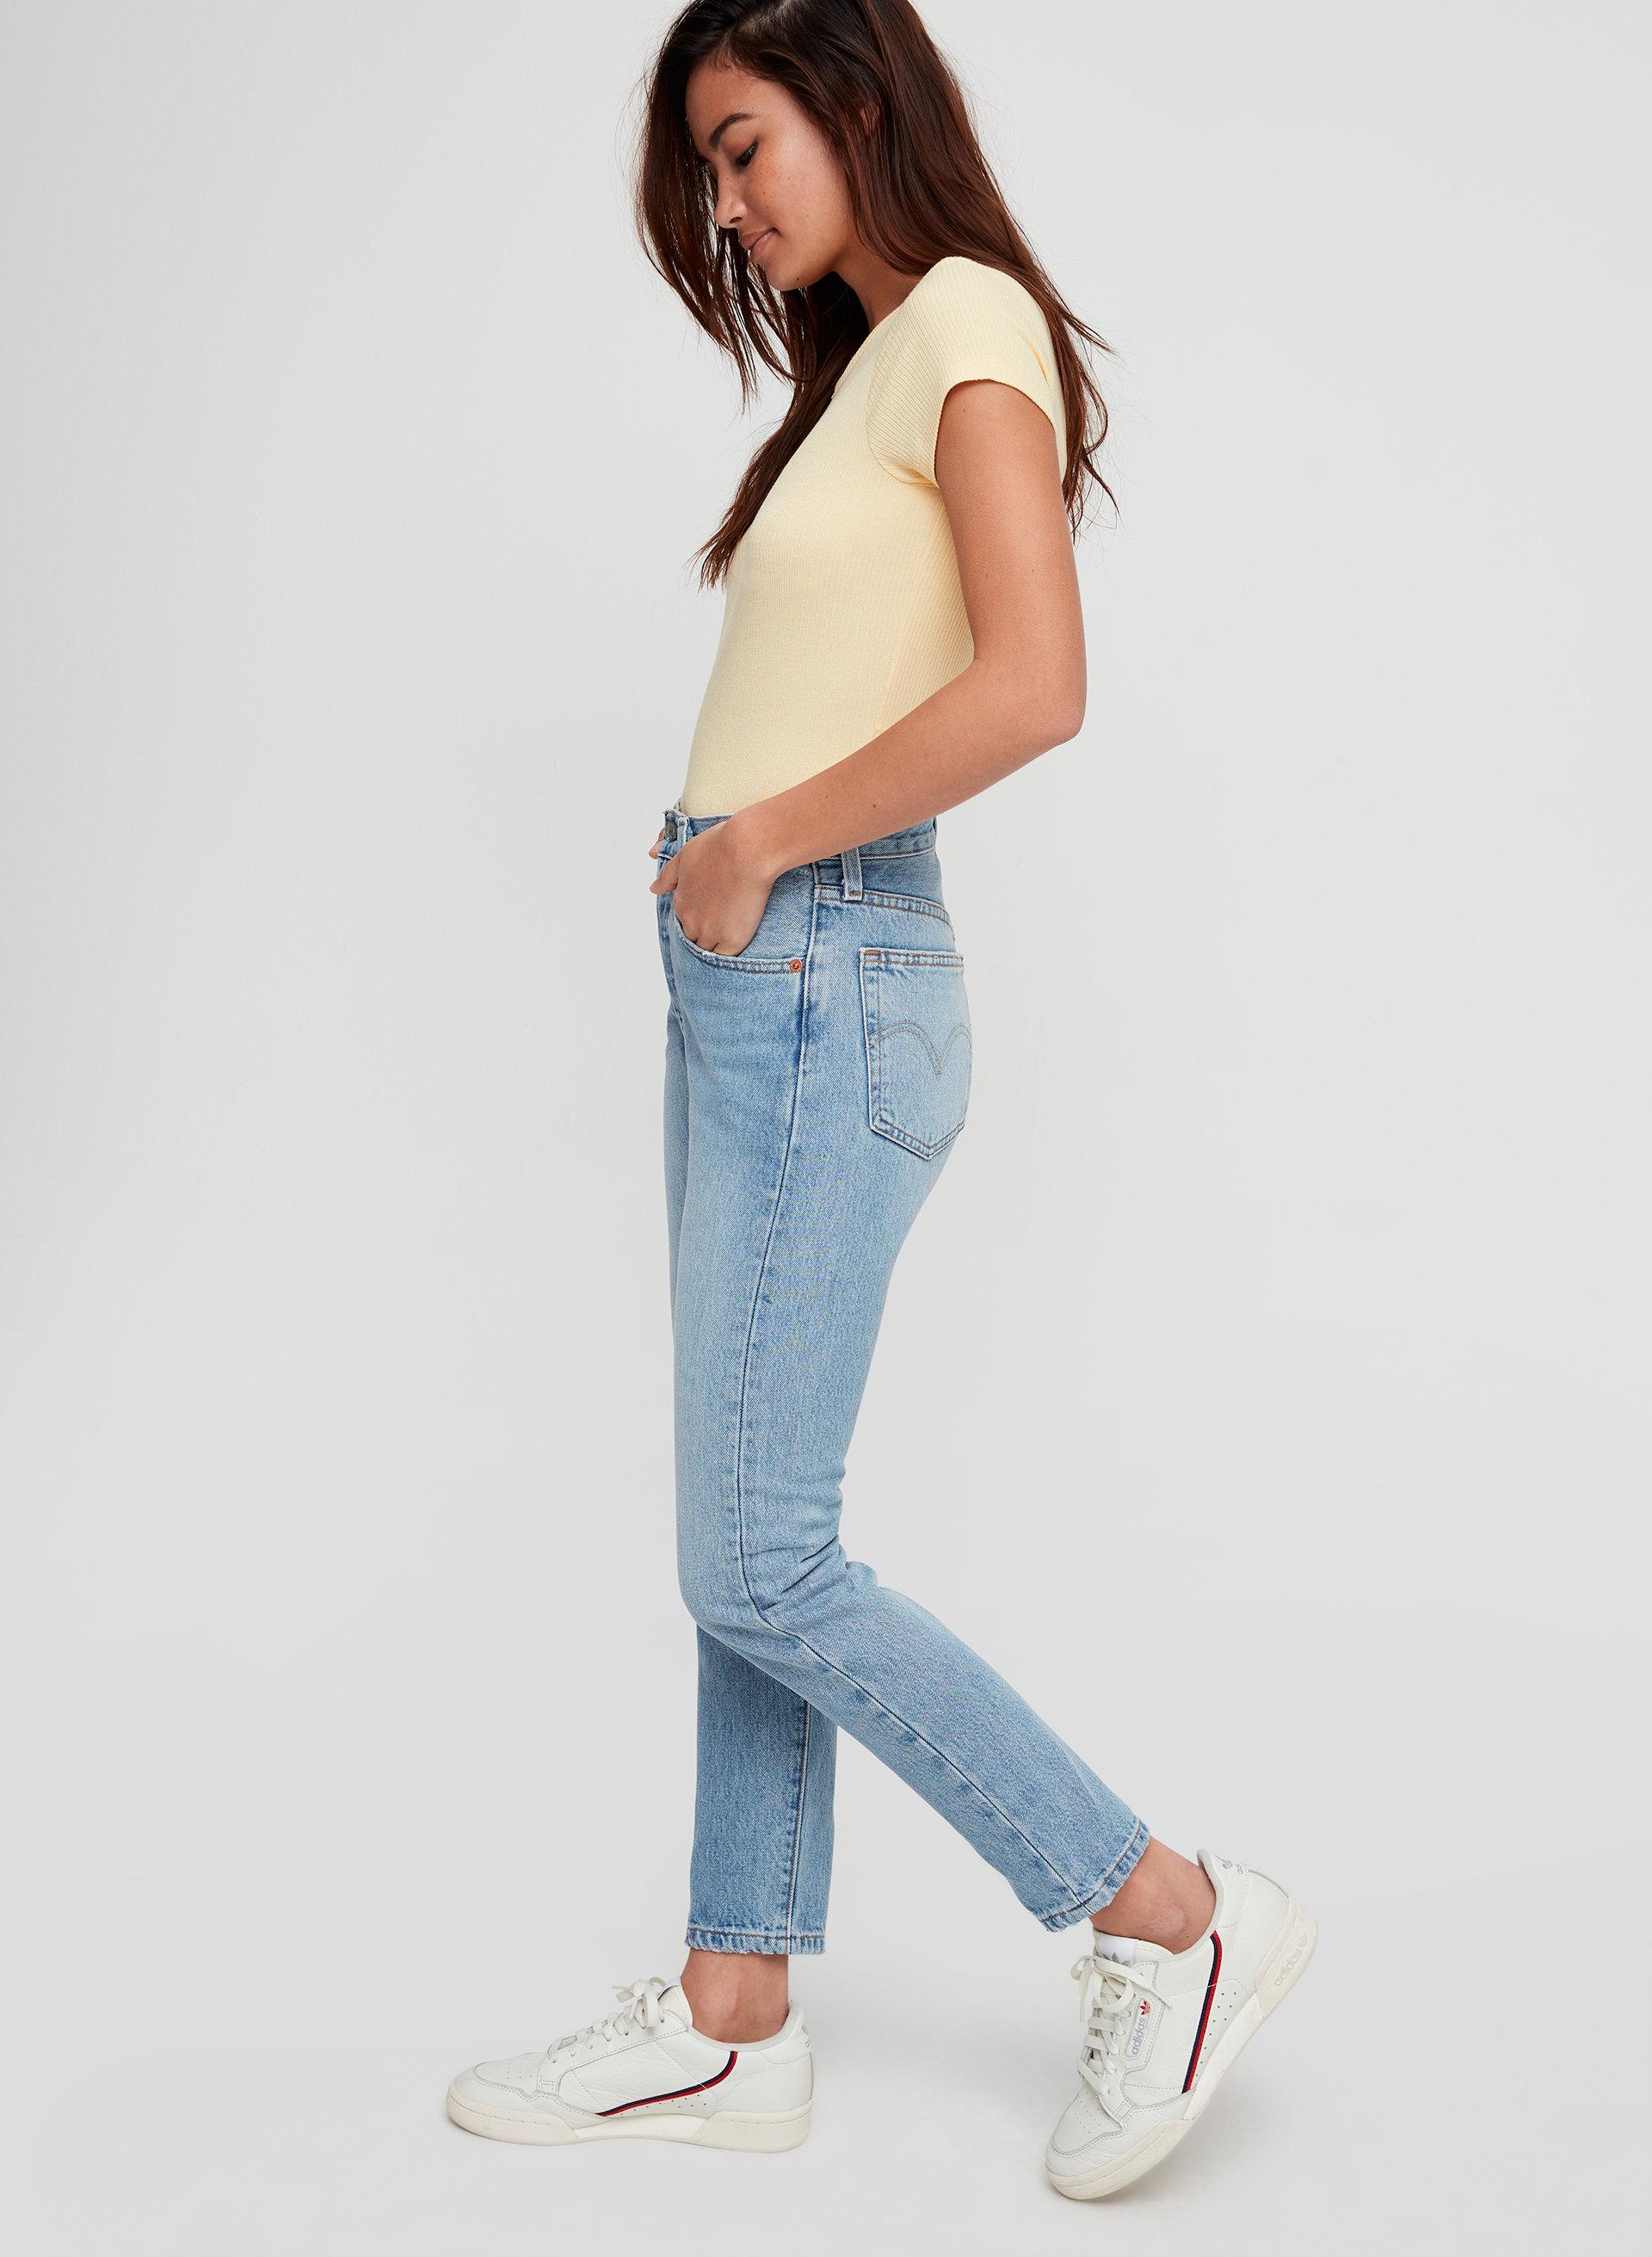 824bfe43497 501 SKINNY - Mid-rise skinny jean